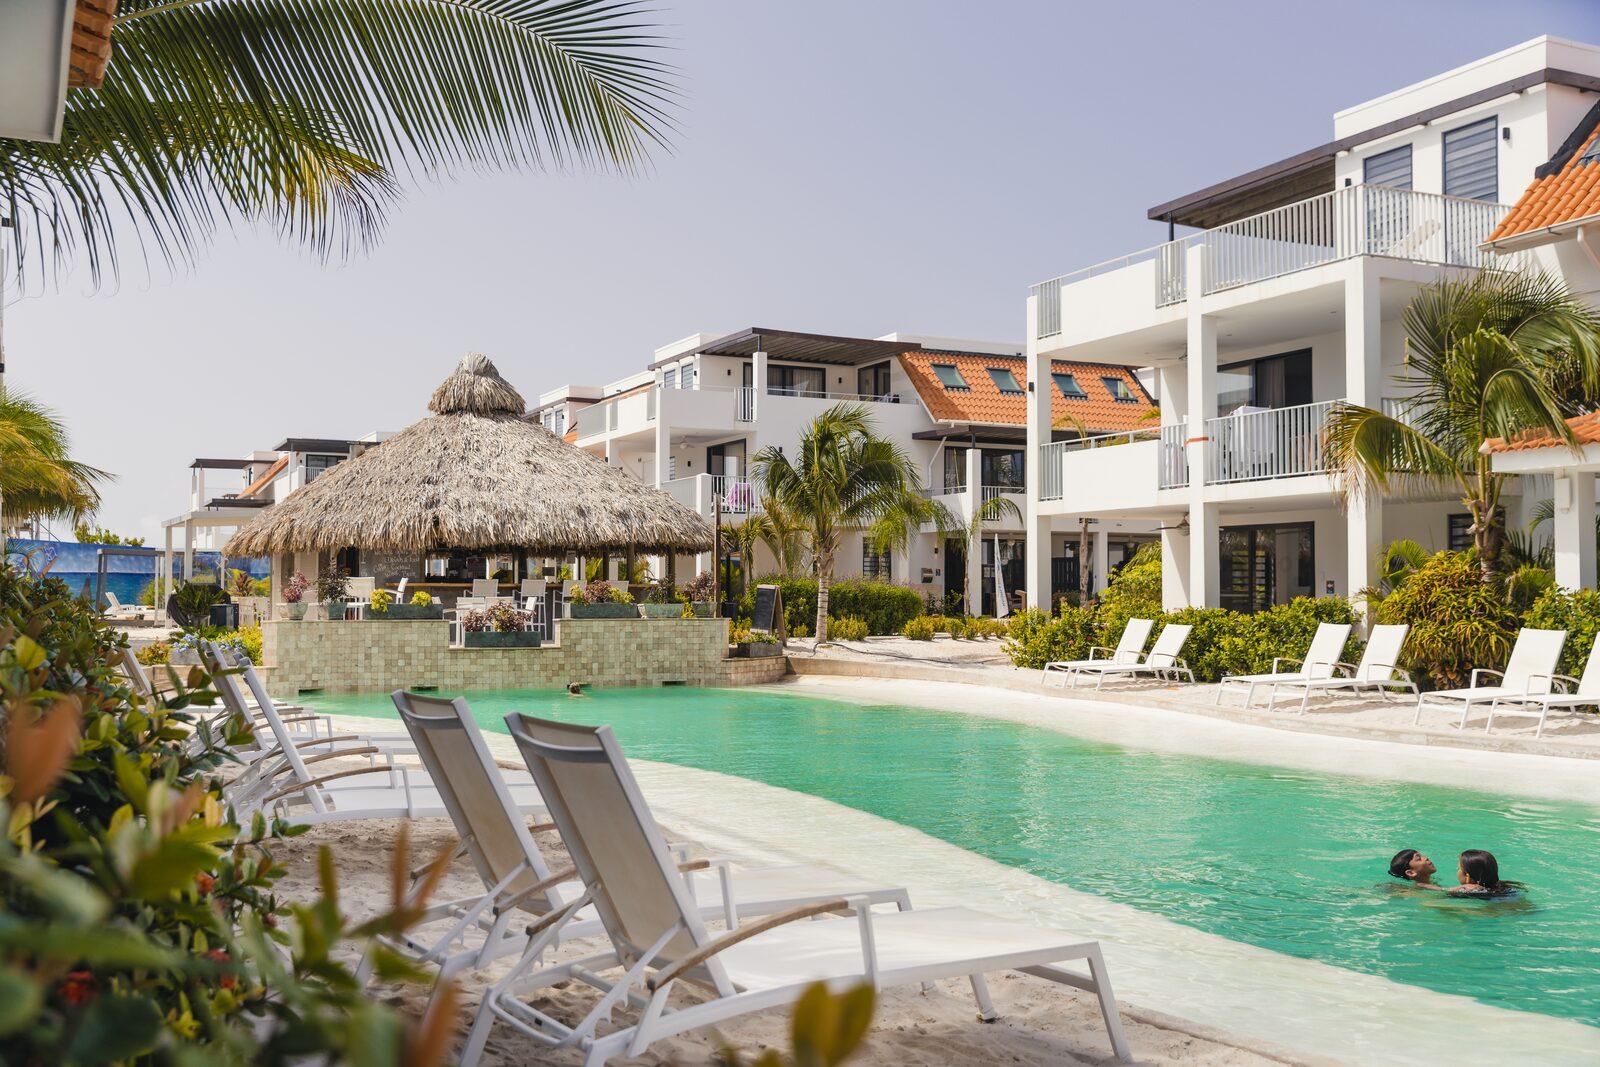 Septemberurlaub auf Bonaire